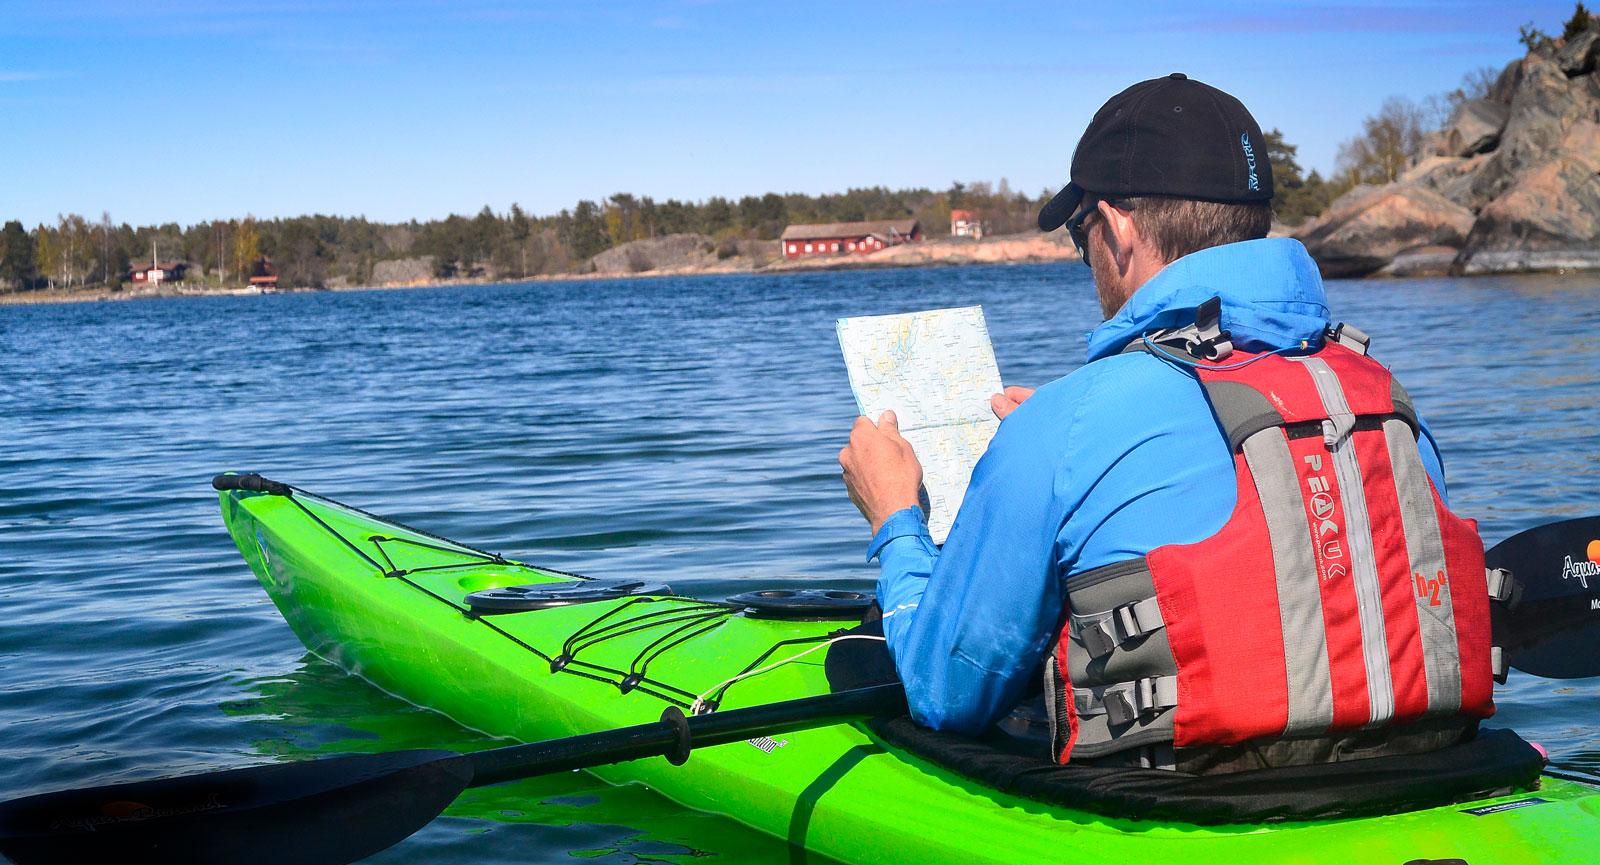 Sjökort under turen är ett måste.